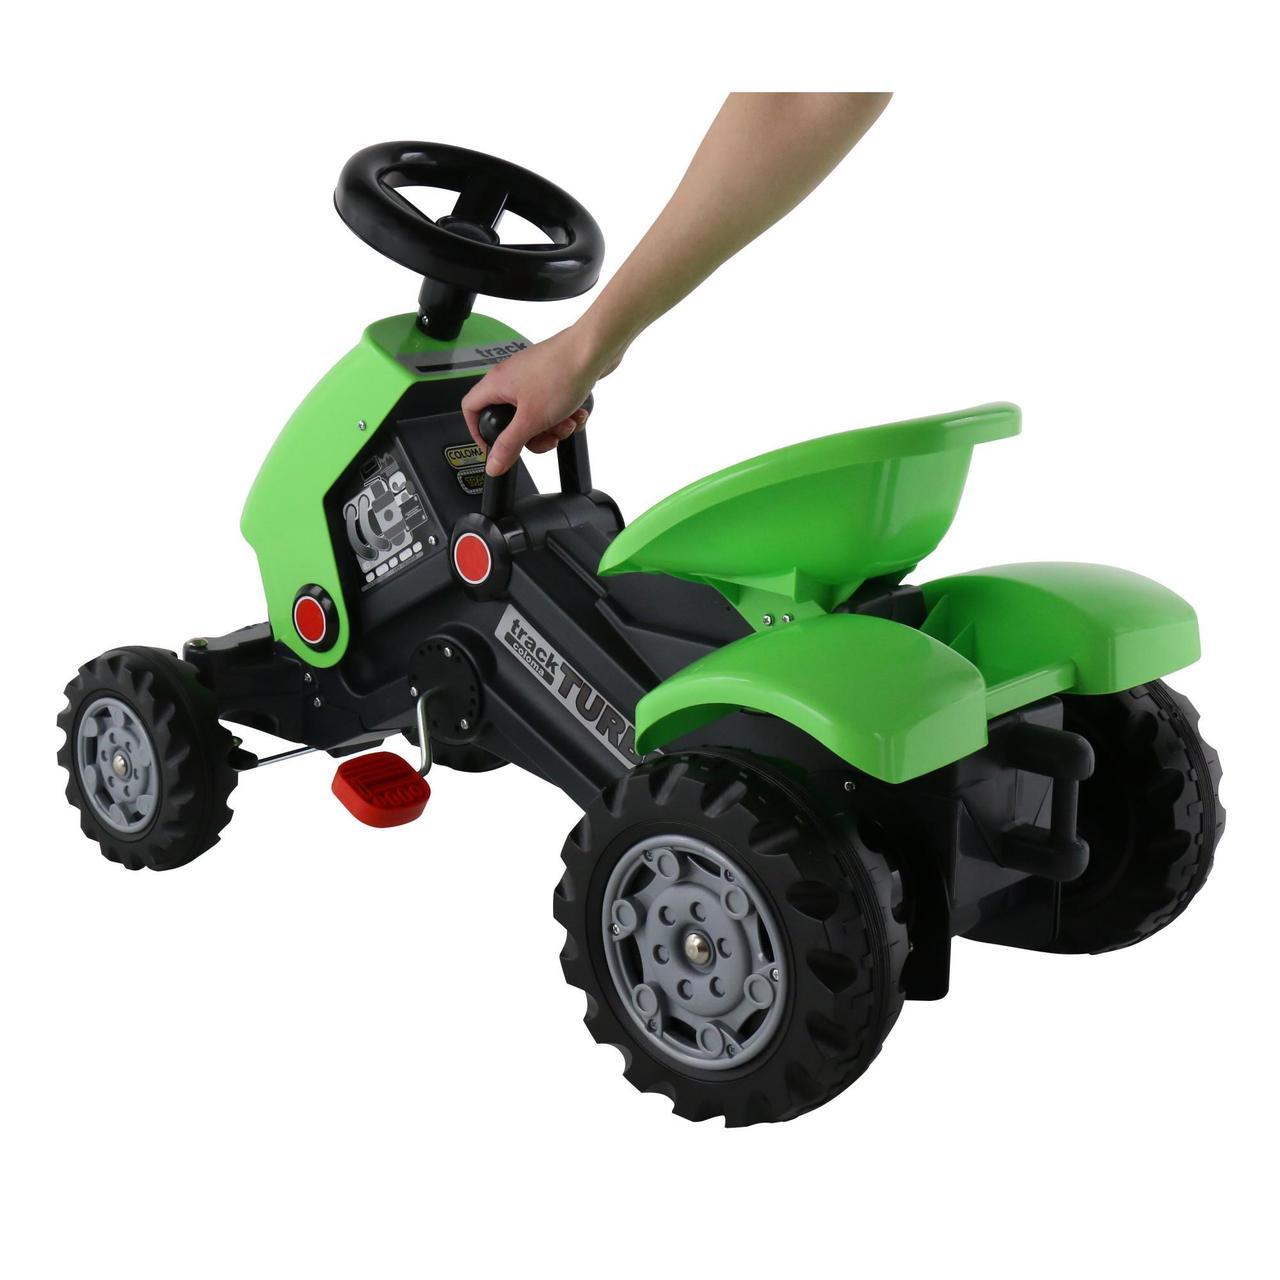 Детский педальный трактор Turbo-2 c полуприцепом - фото 4